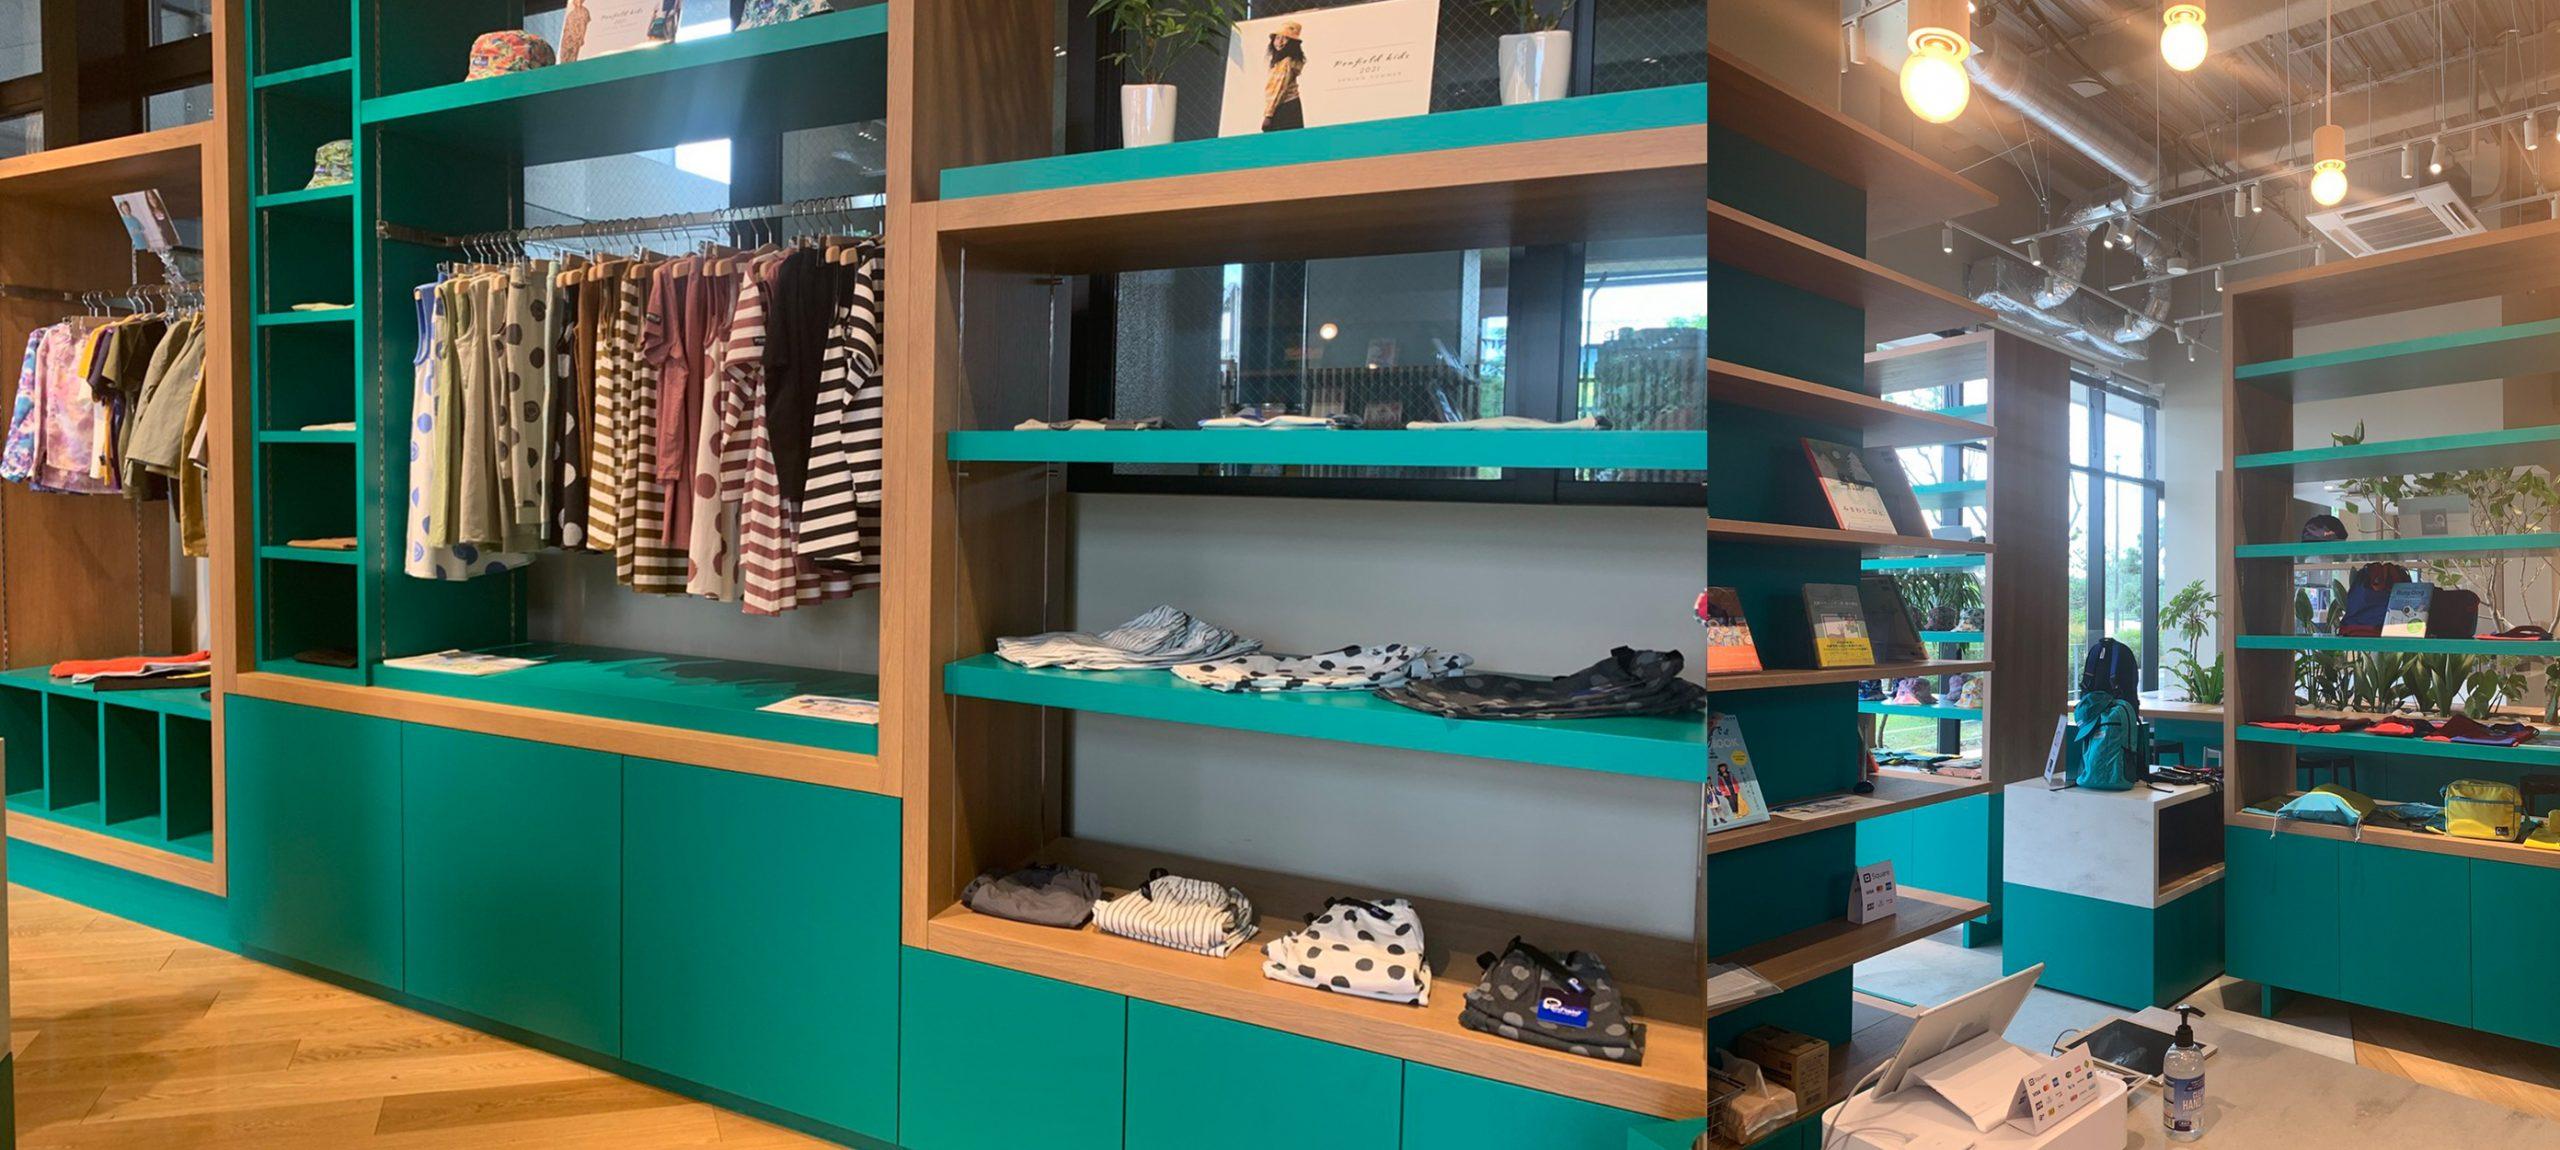 アウトドアファッションブランドPenfield(ペンフィールド)の販売代行事例